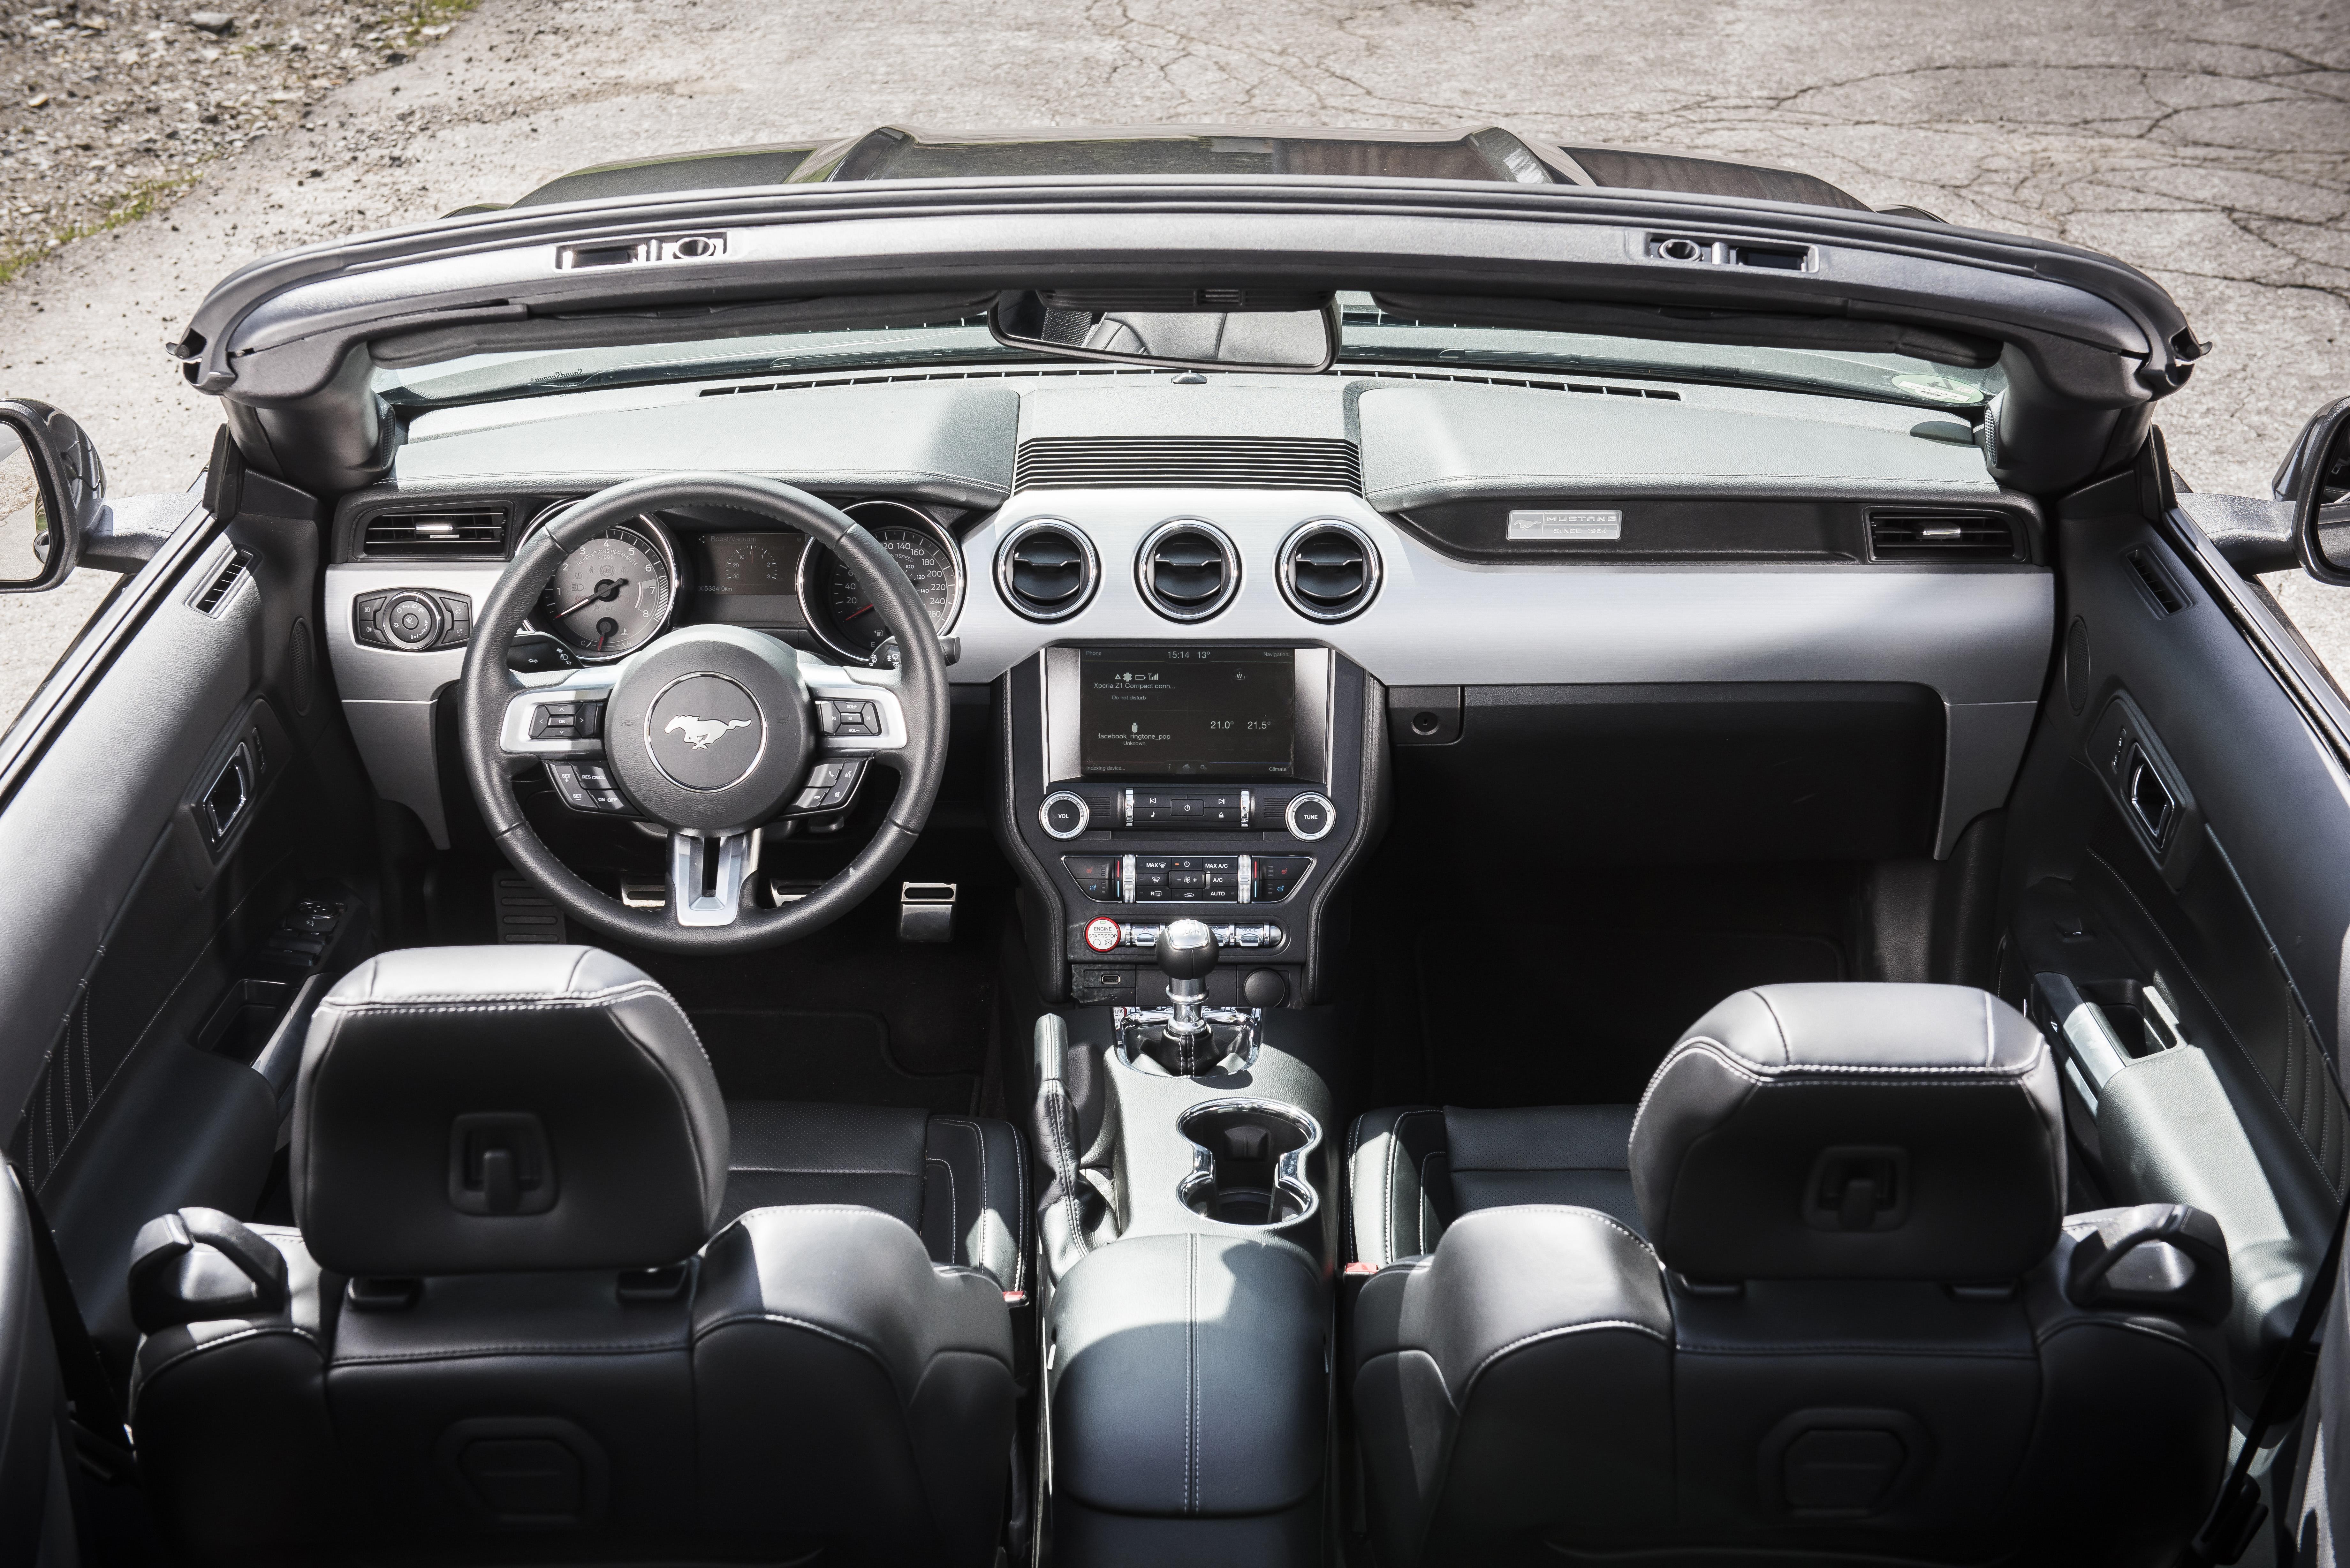 Tableau de bord de la Ford mustang V8 GT de 2016